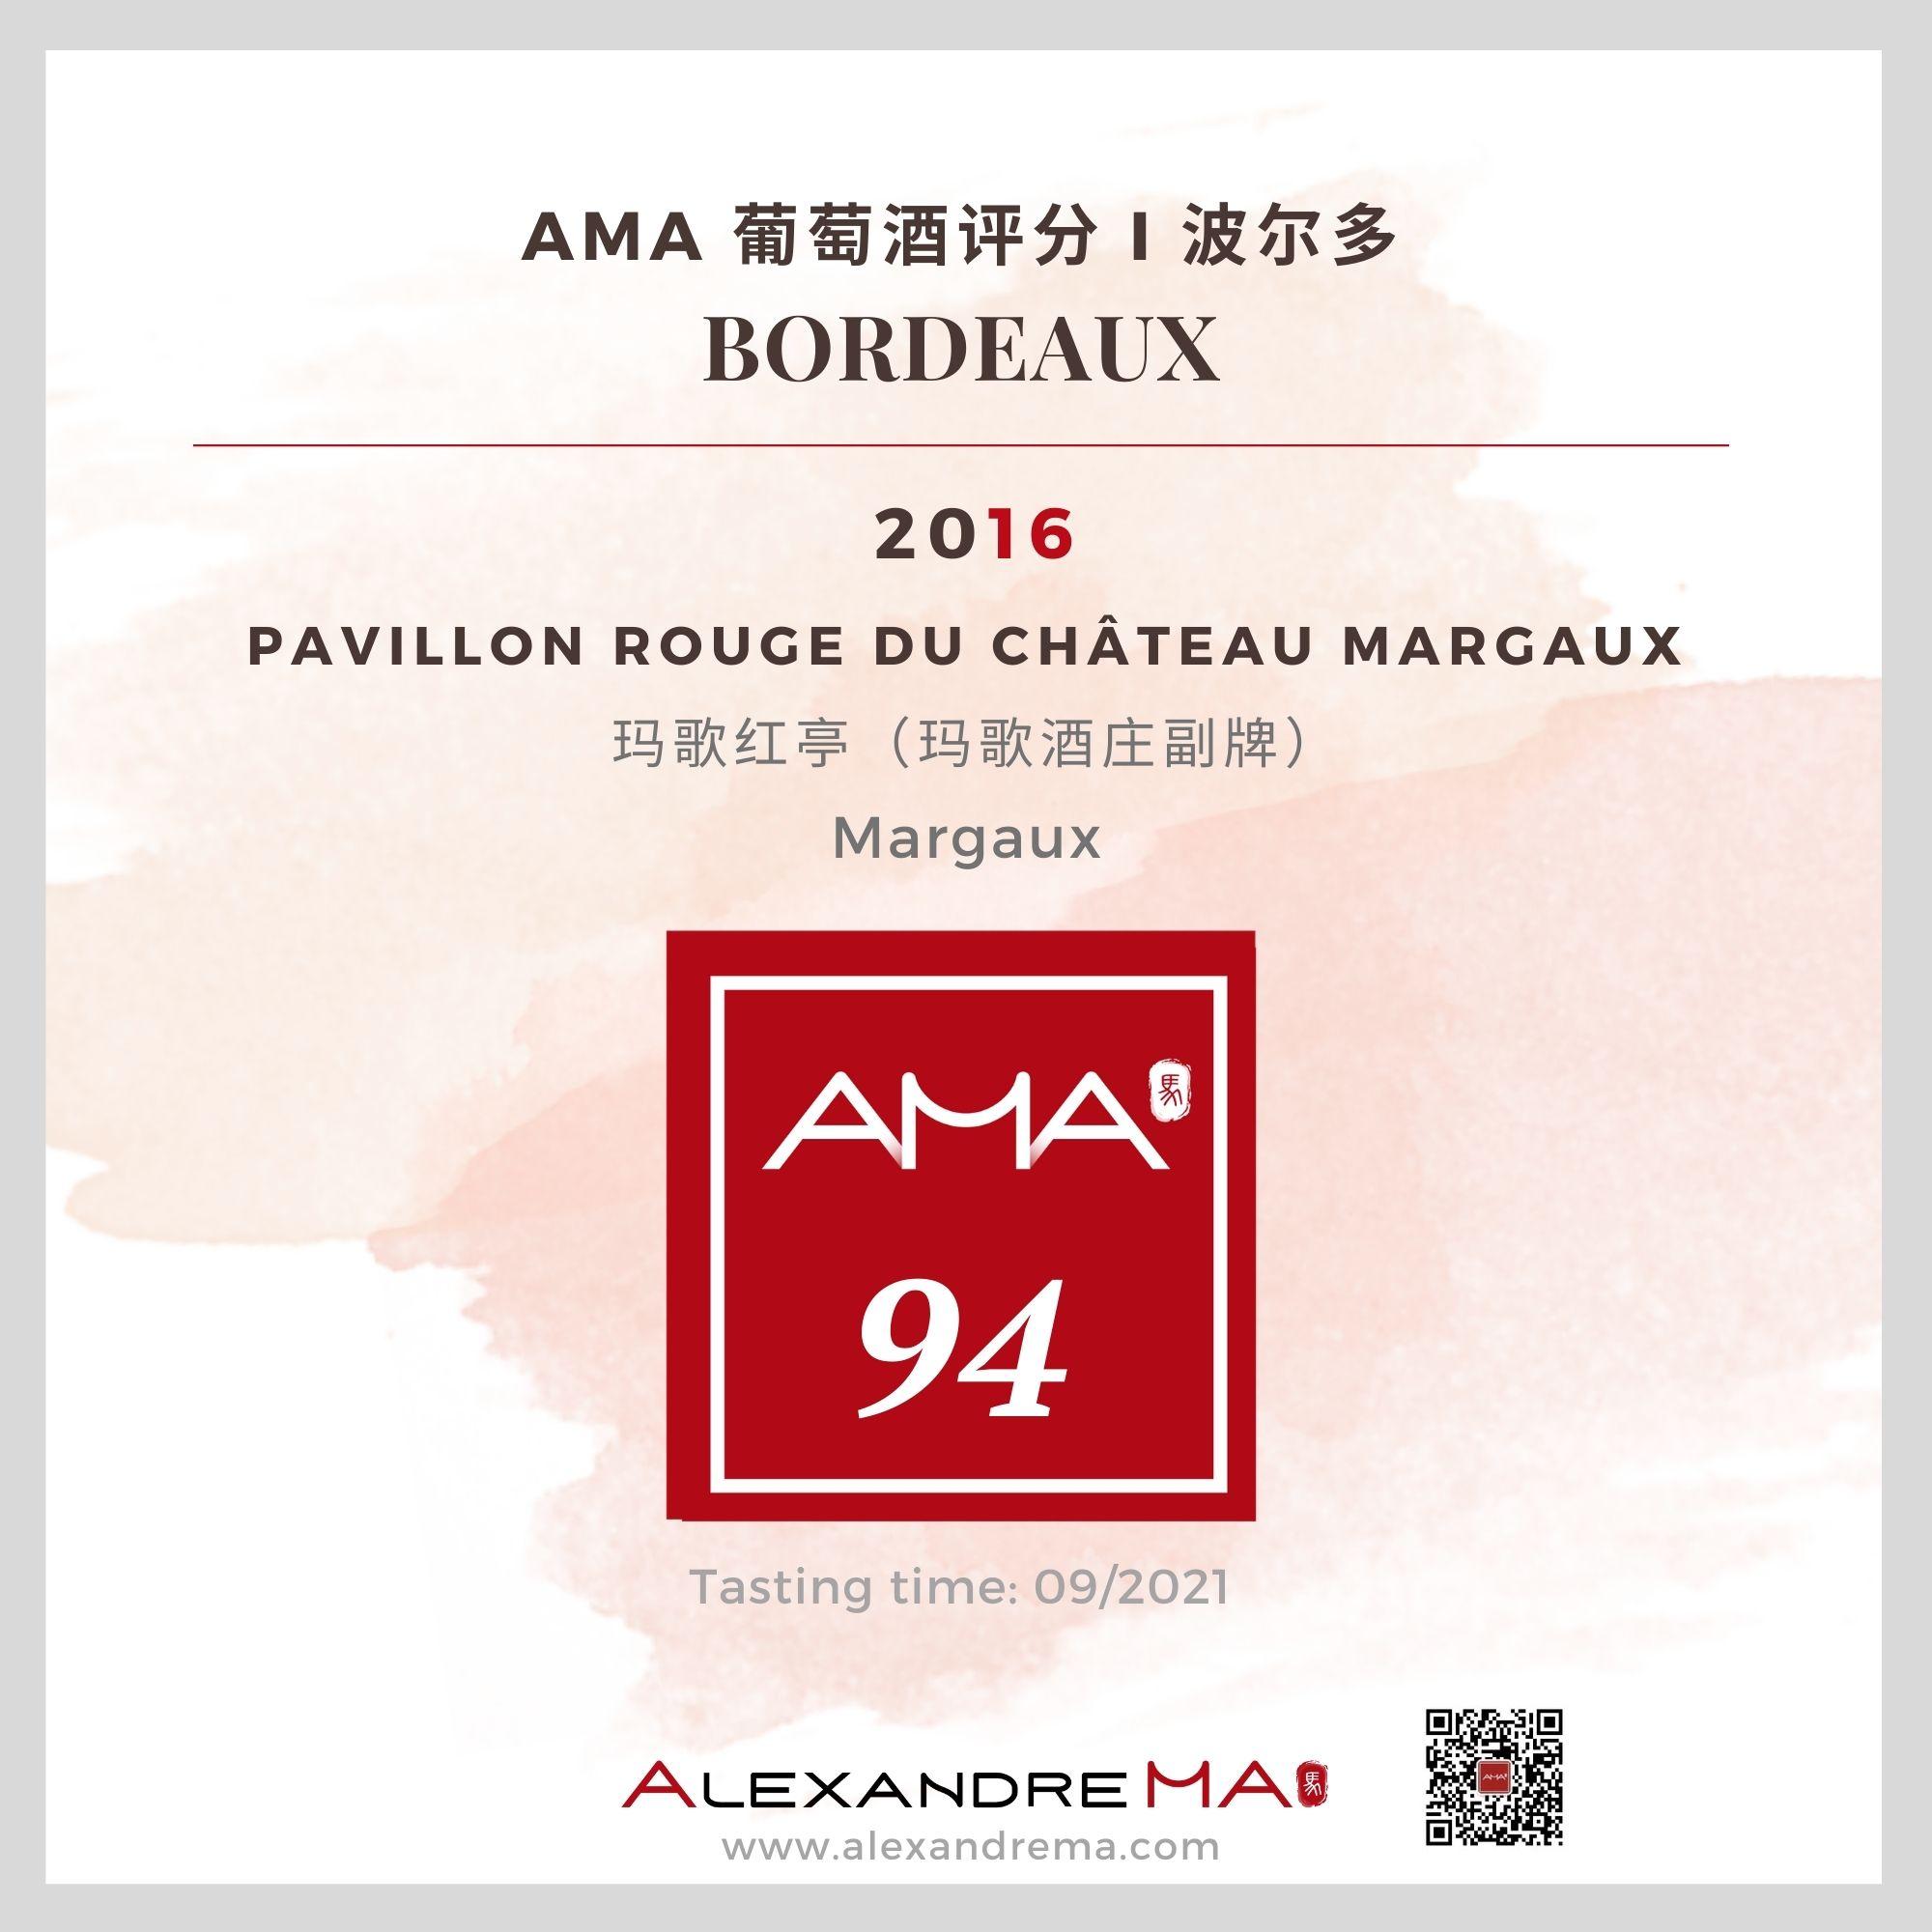 Château Margaux – Pavillon Rouge du Château Margaux 2016 玛歌红亭 - Alexandre Ma